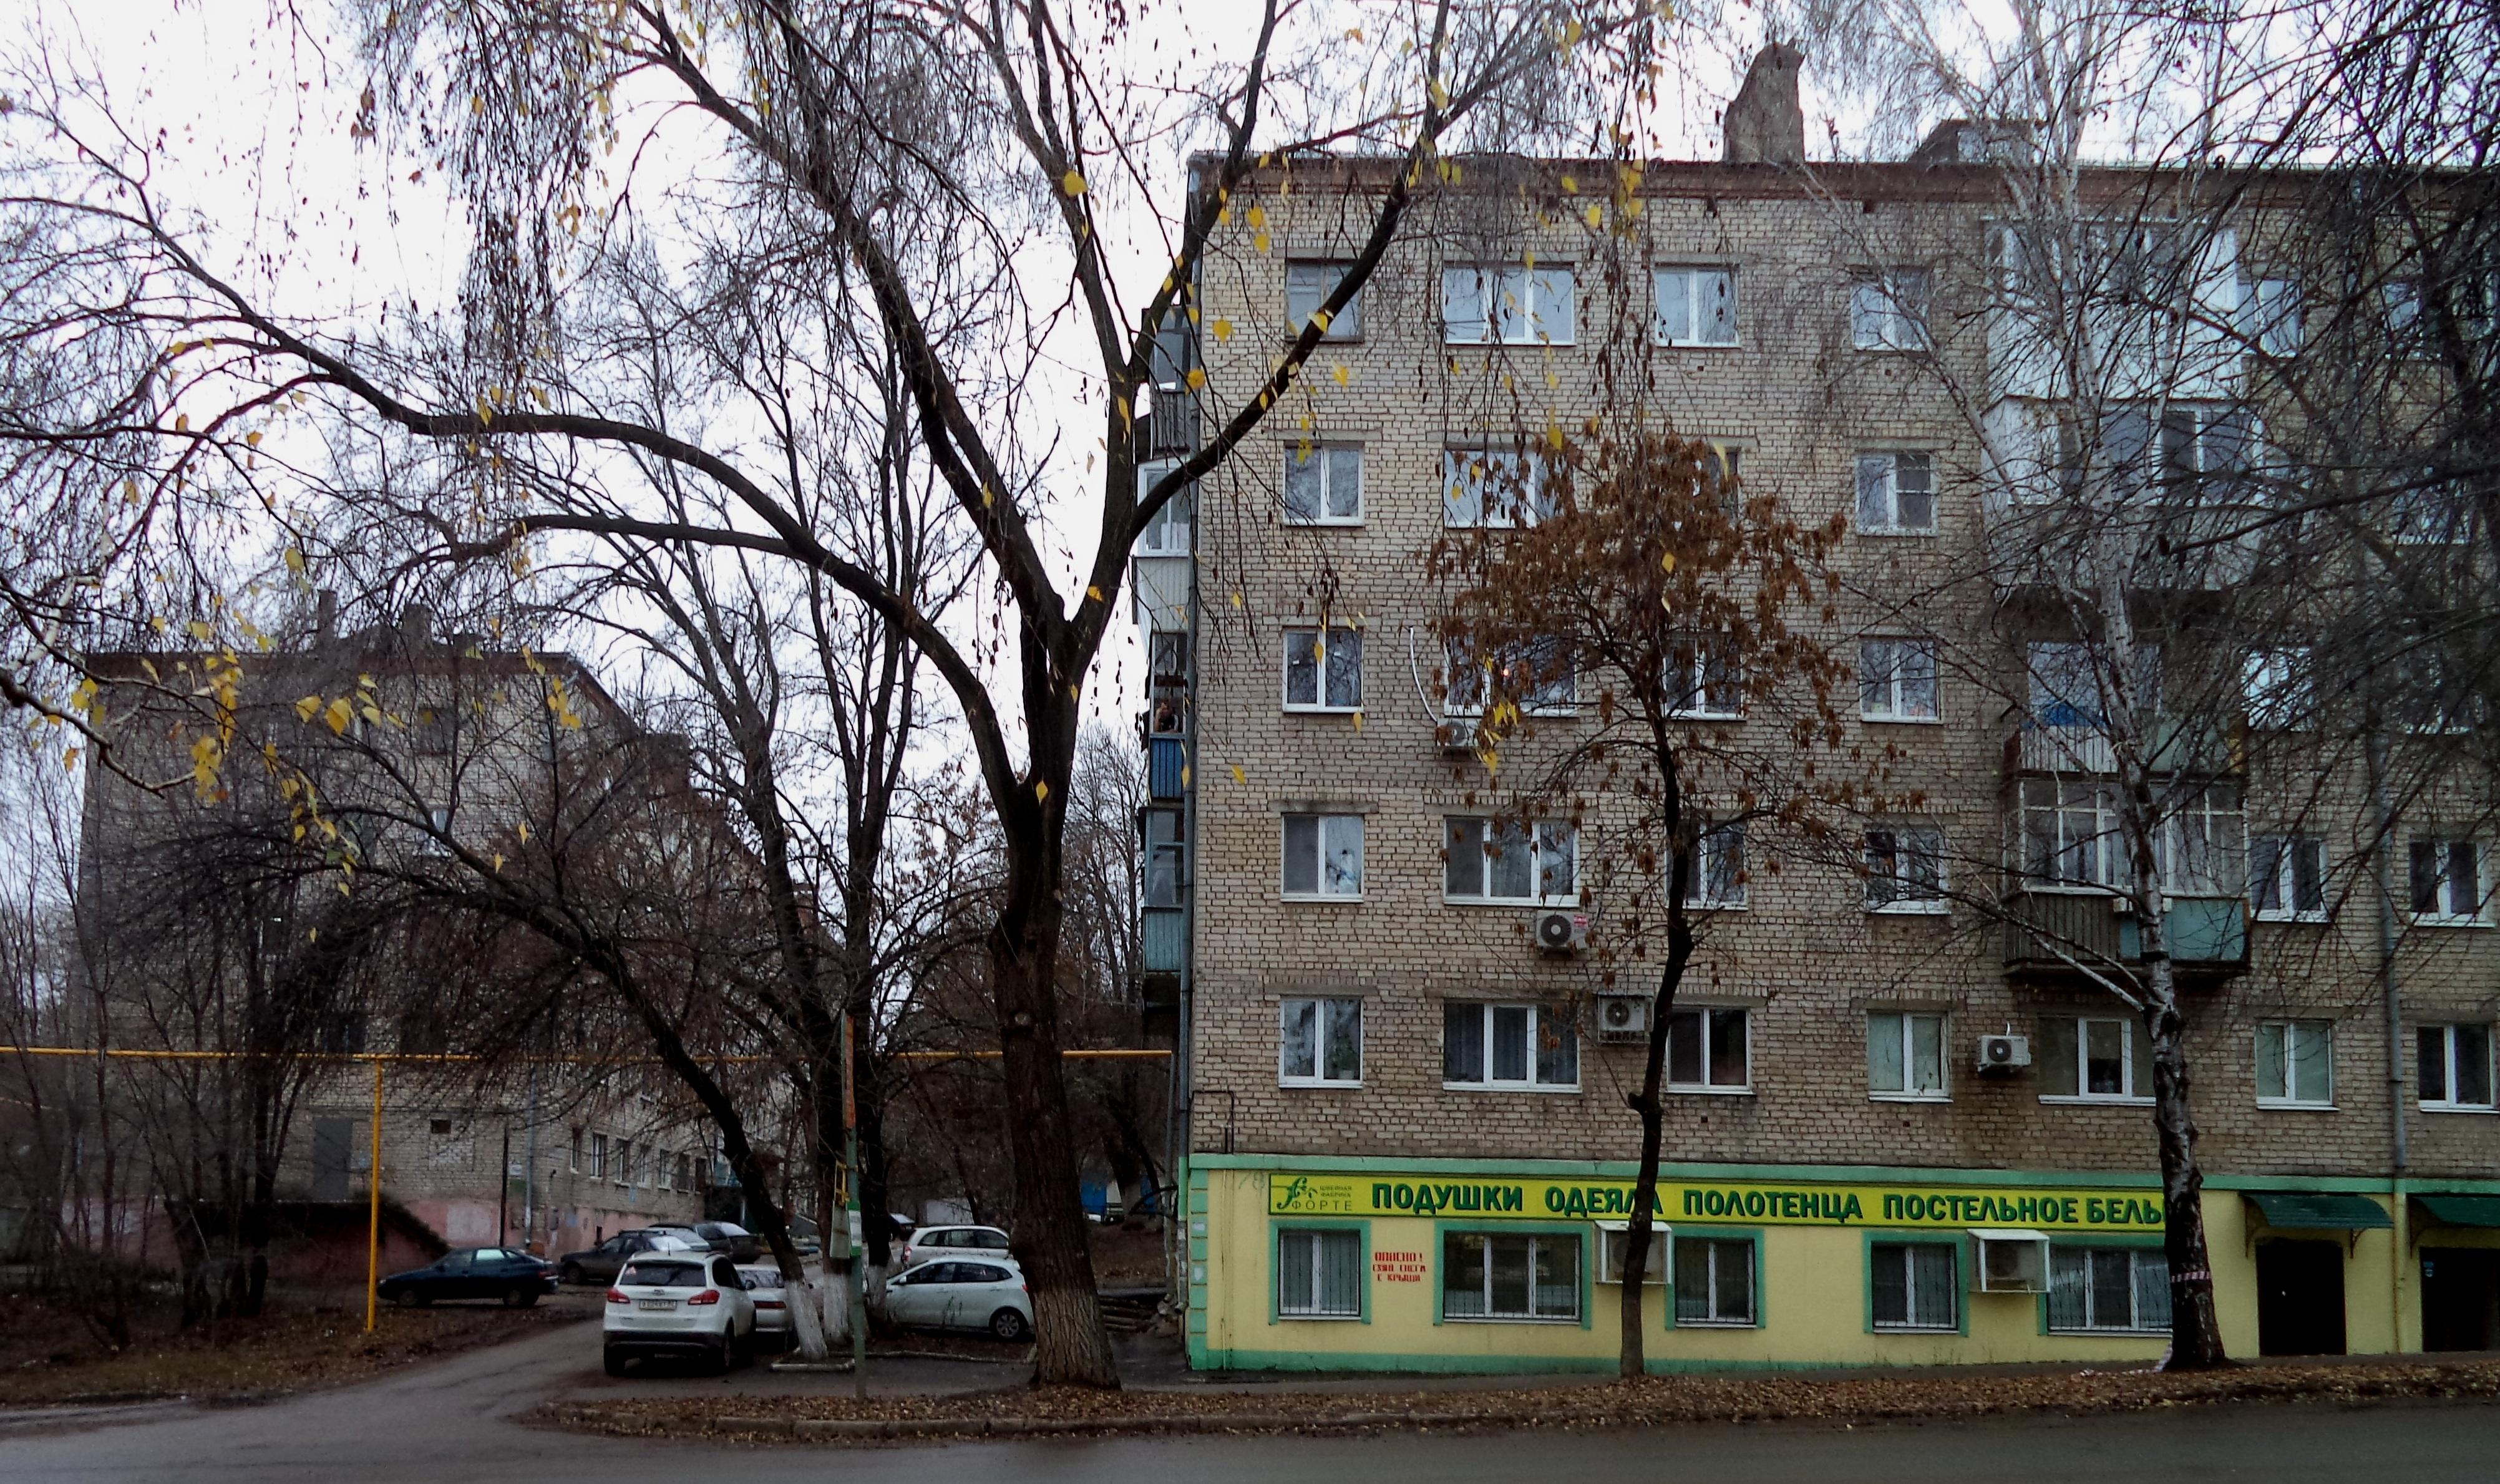 ФОТО 20-АМатросова-перекр. с ЮП